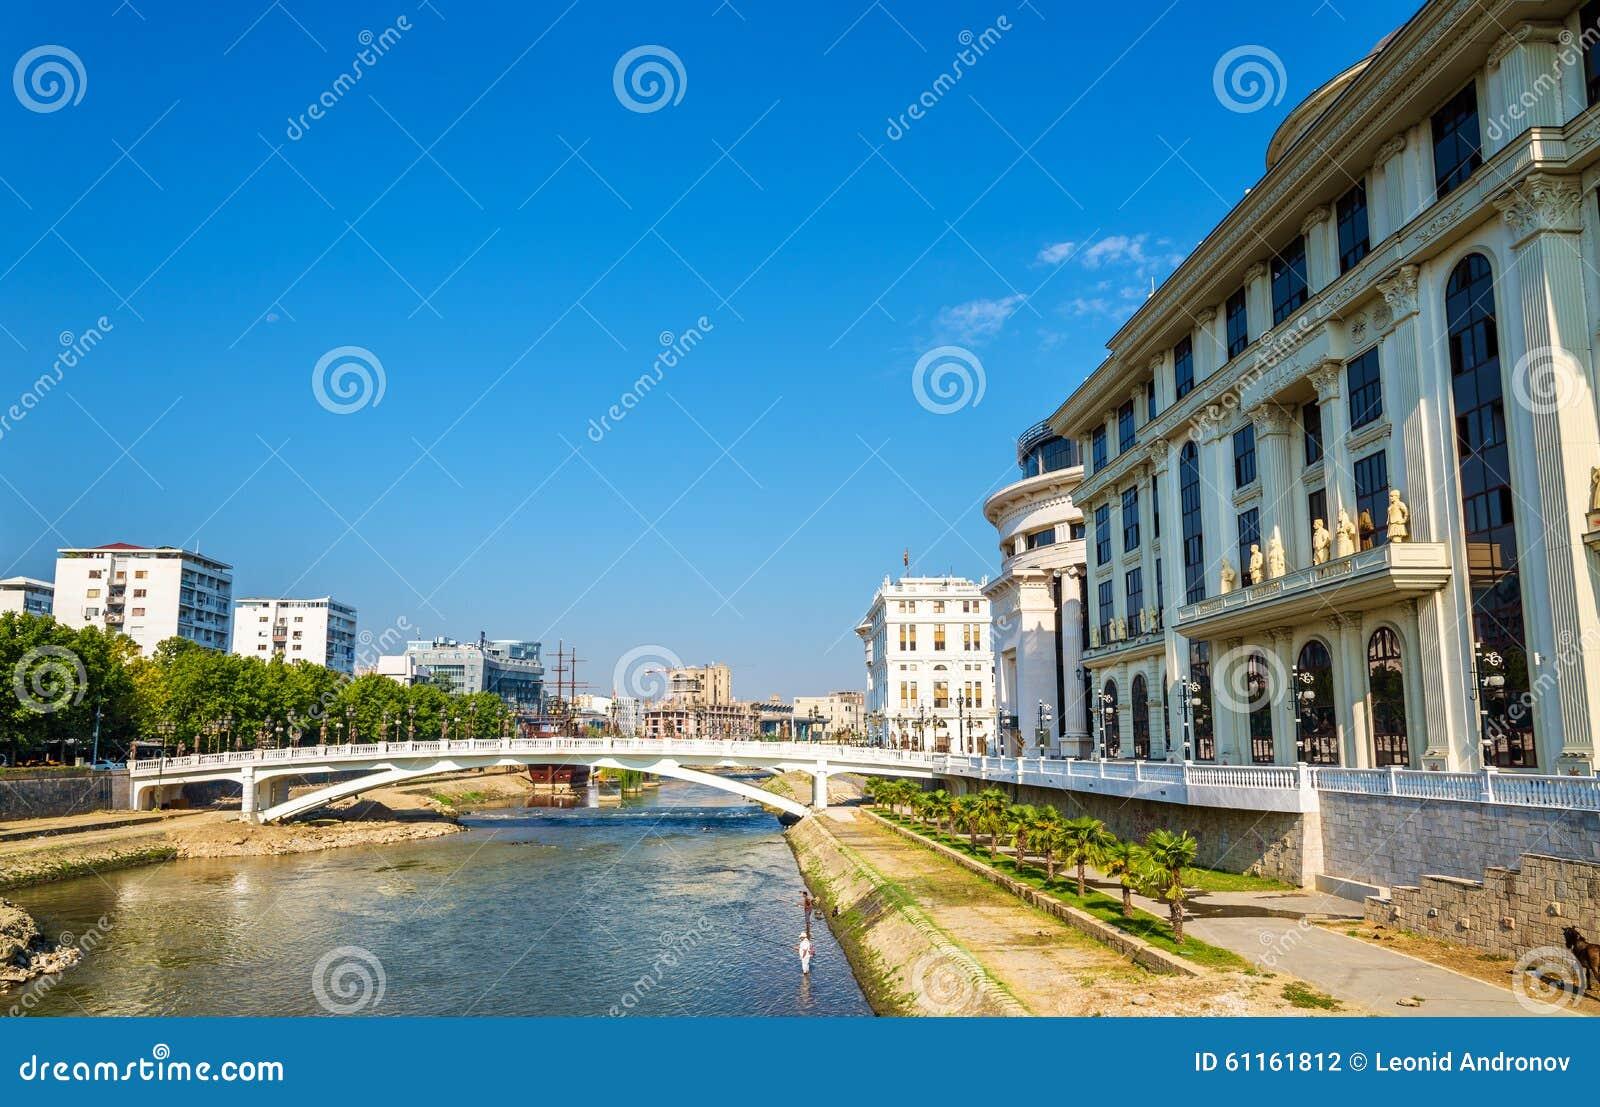 De Vardar-rivier dichtbij Ministerie van Buitenlandse zaken